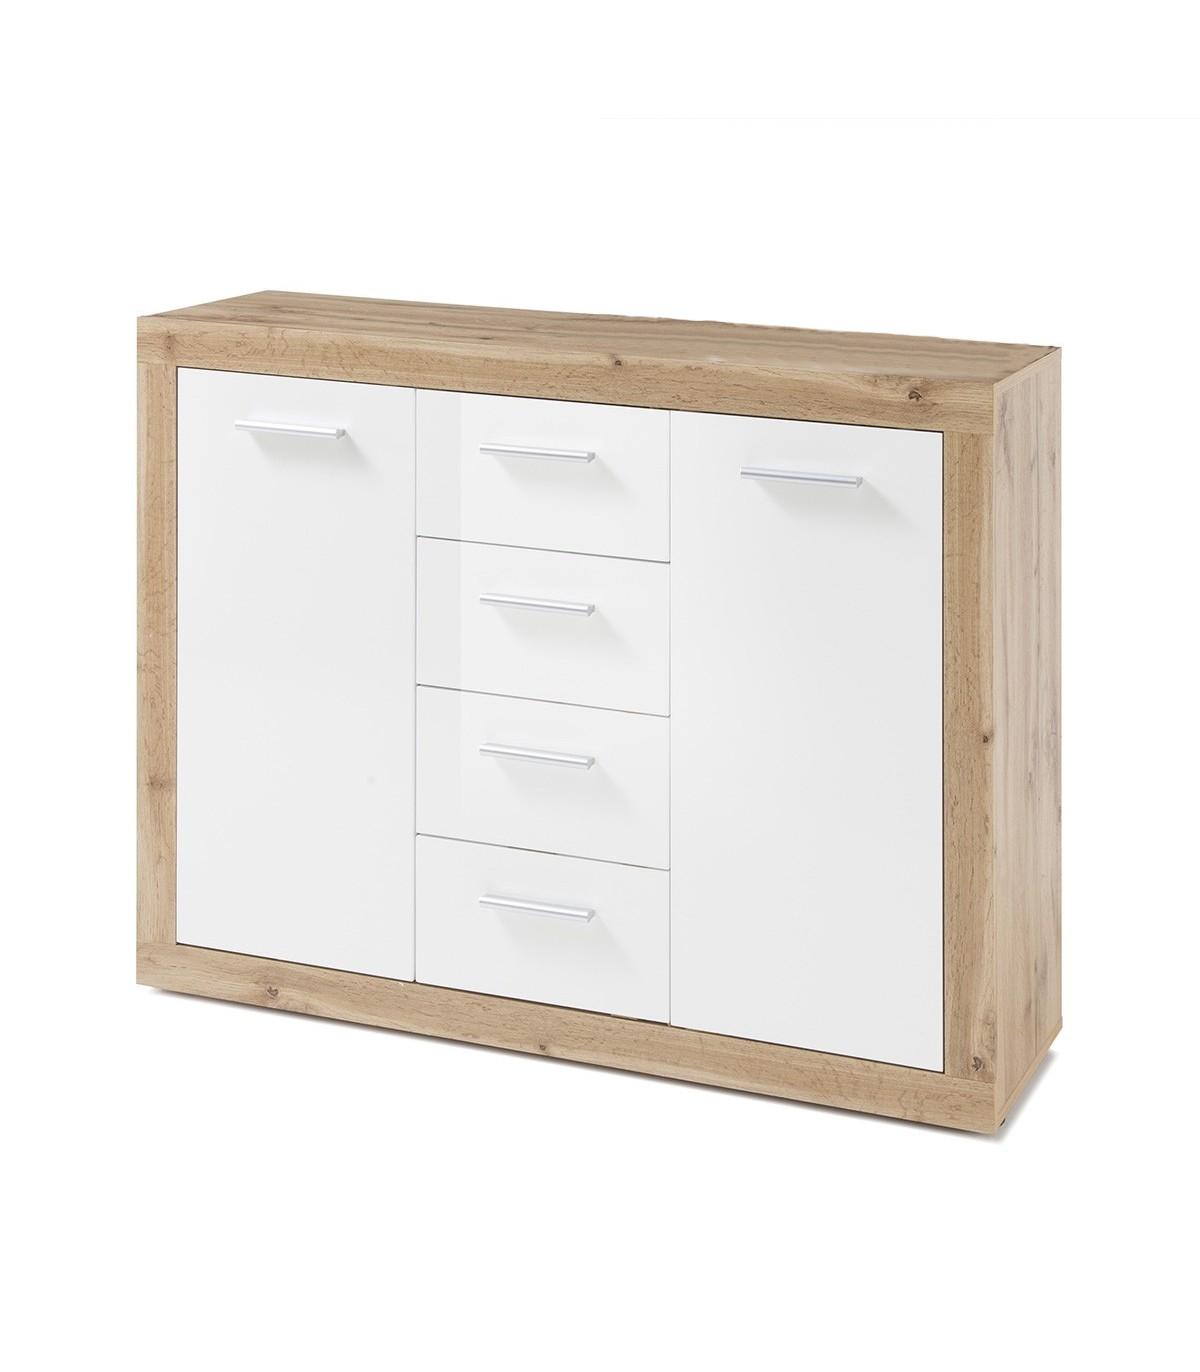 Buffet 2 portes 4 tiroirs L117cm - Marron et blanc